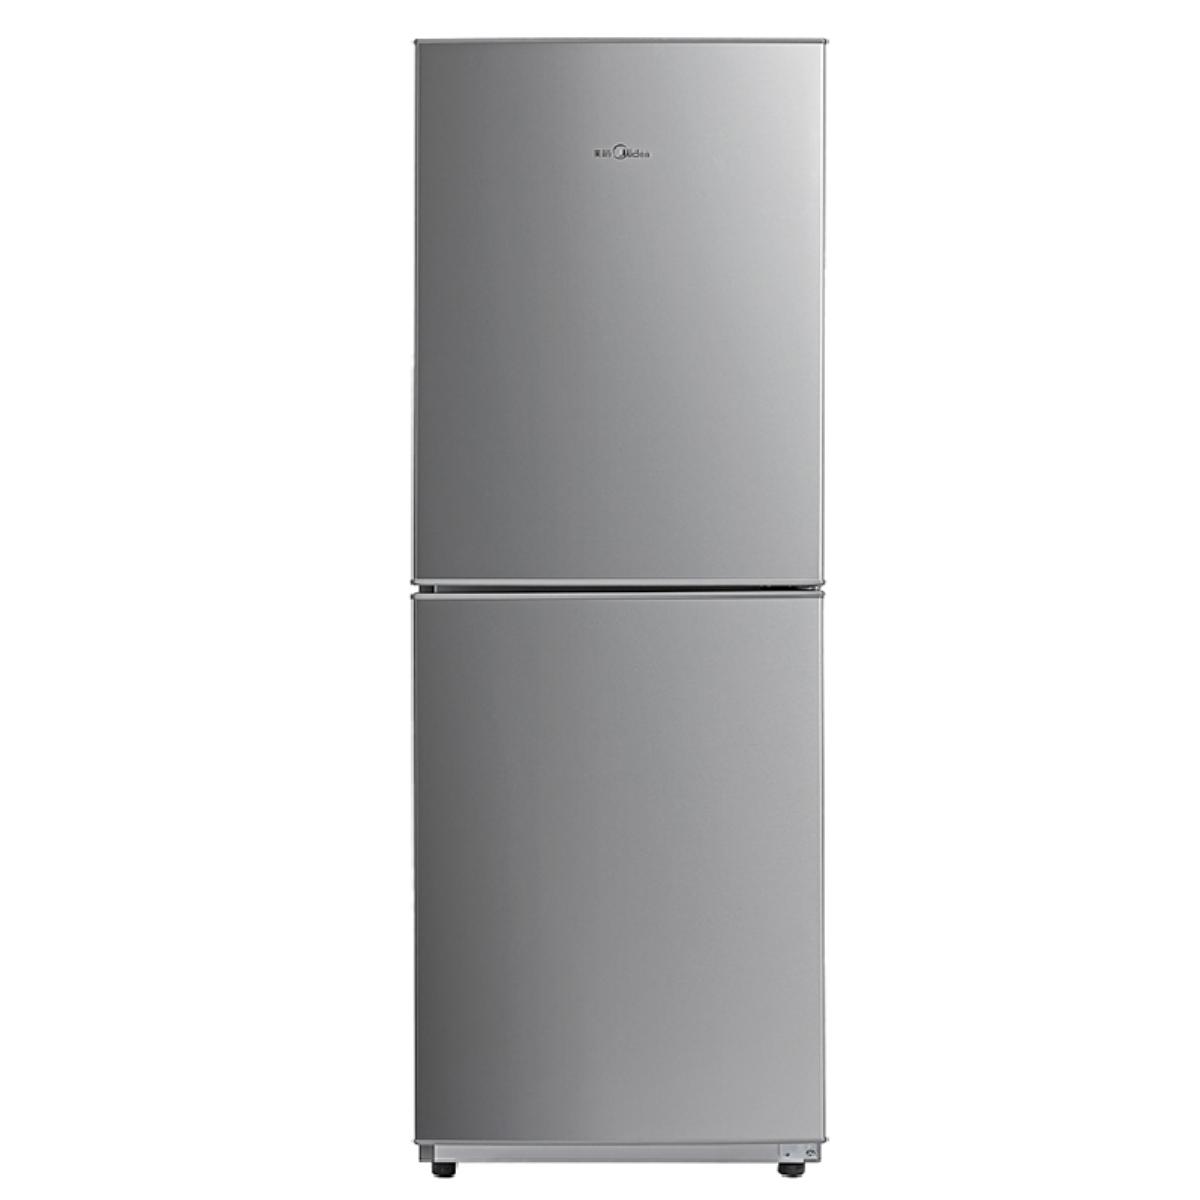 Midea/美的 BCD-176M冰箱 说明书.pdf